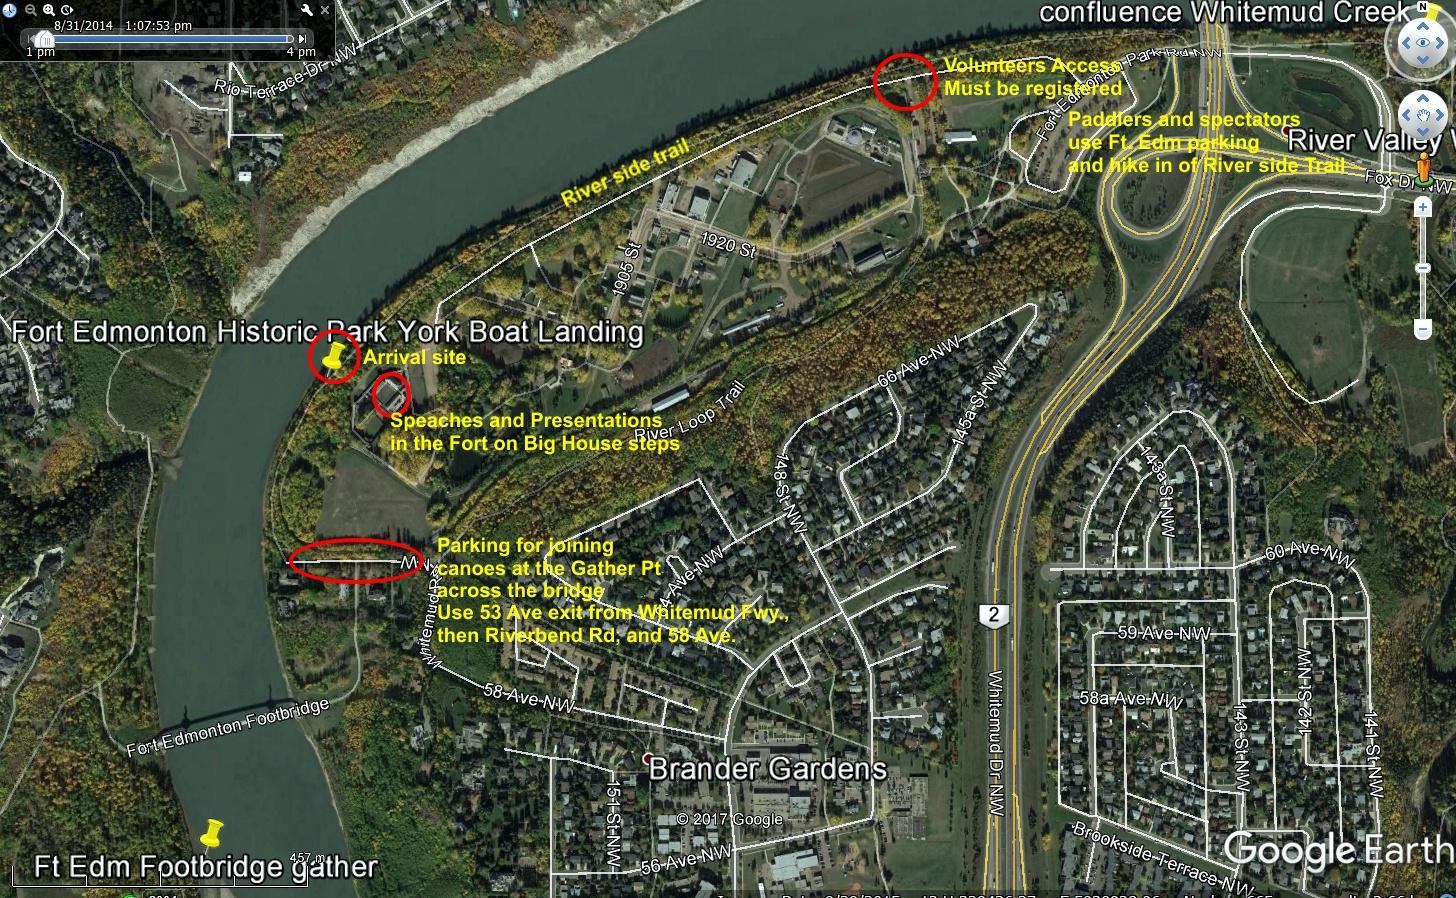 Fort Edmonton Canoe Brigade Maps Site Plans Canadian Voyageur